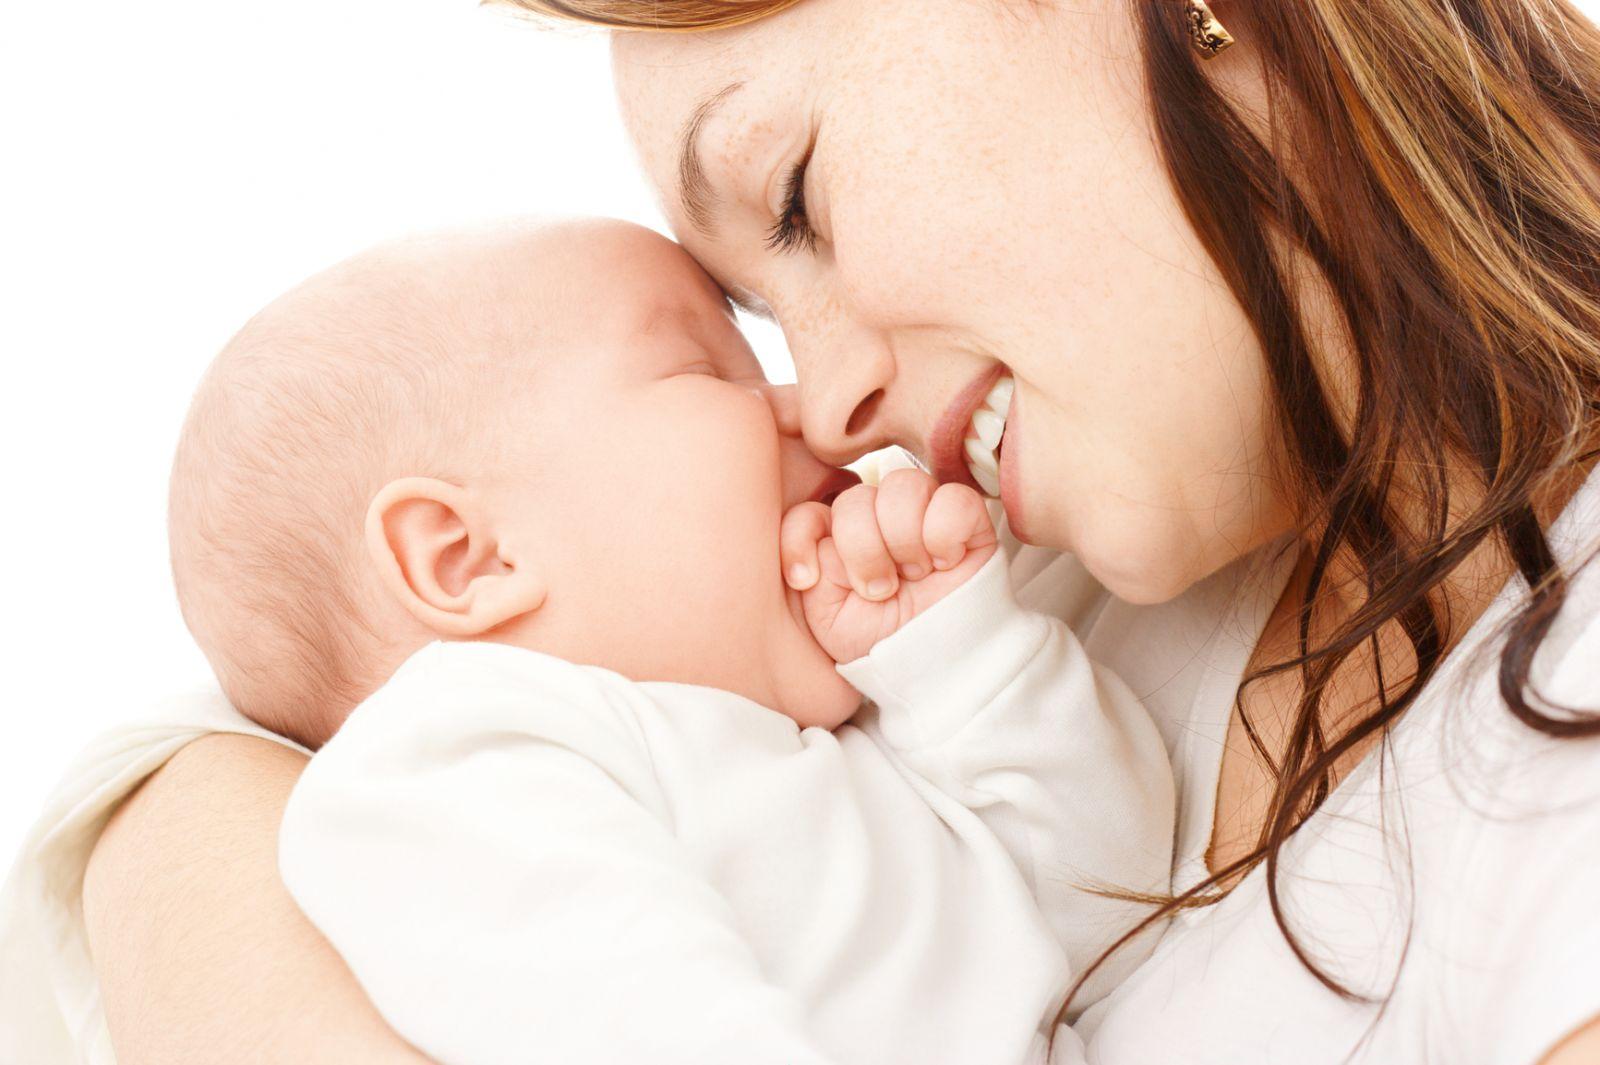 Бифидумбактерин для новорождённых: действие препарата и инструкция по применению